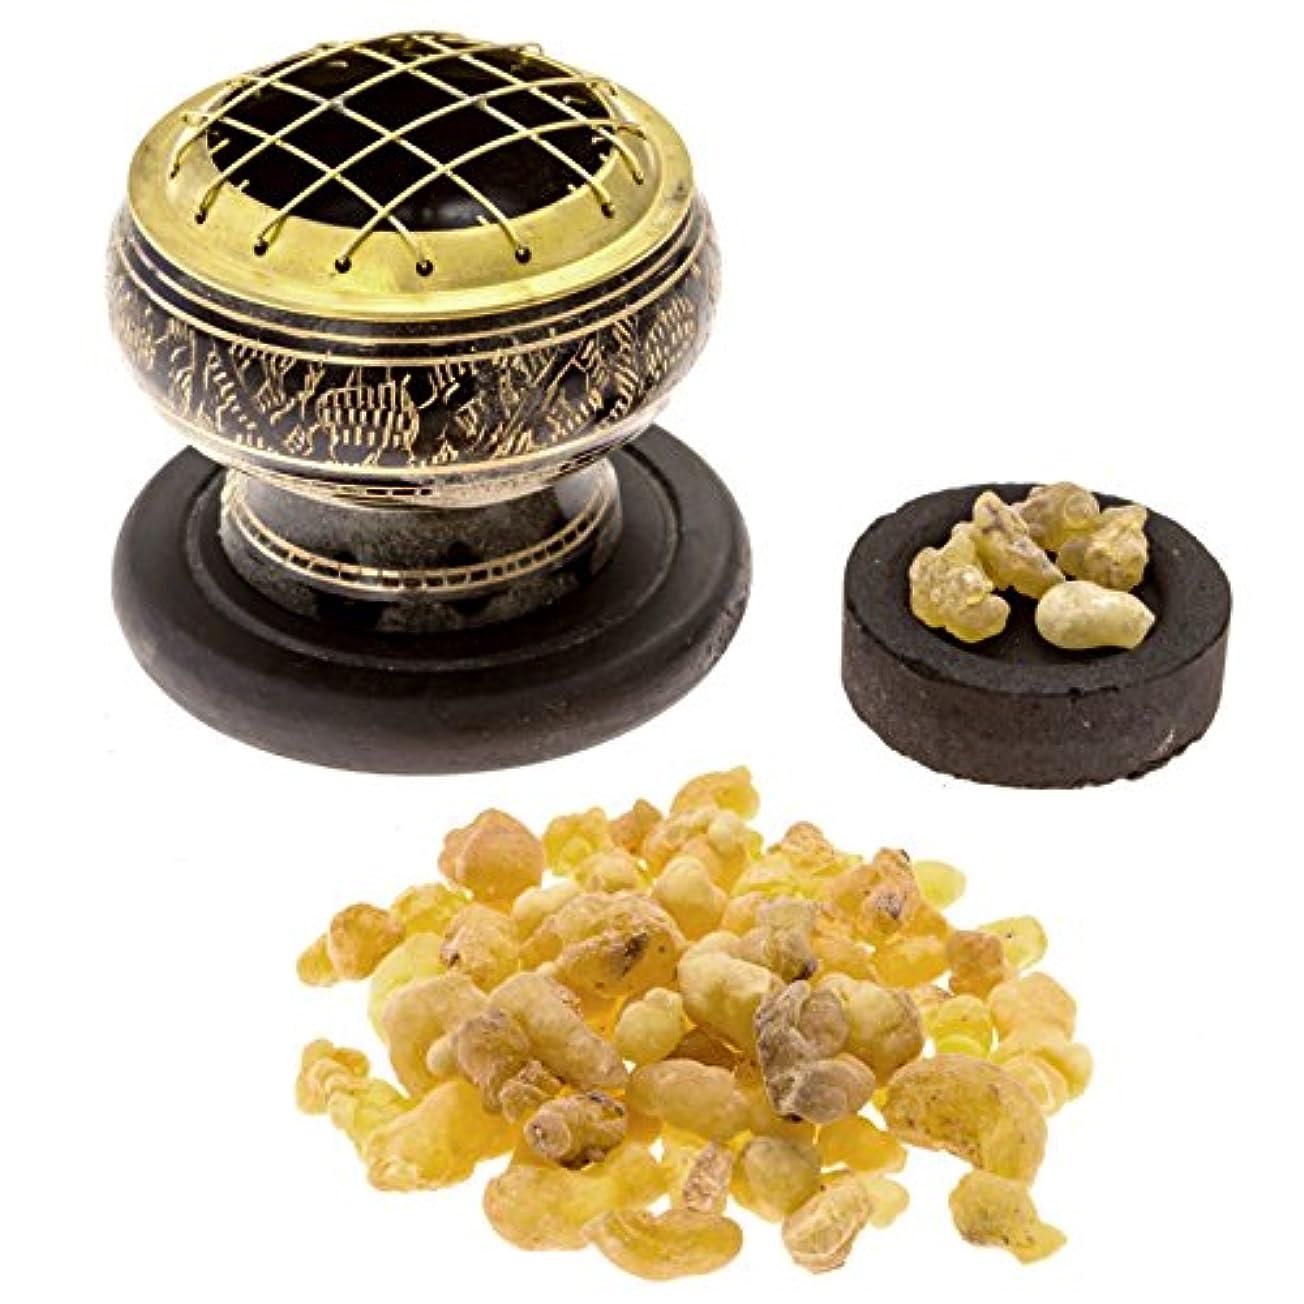 食物切るバブルプレミアムFrankincense Burningキット( withチベット香炉または真鍮画面Burner ) (真鍮Burner )